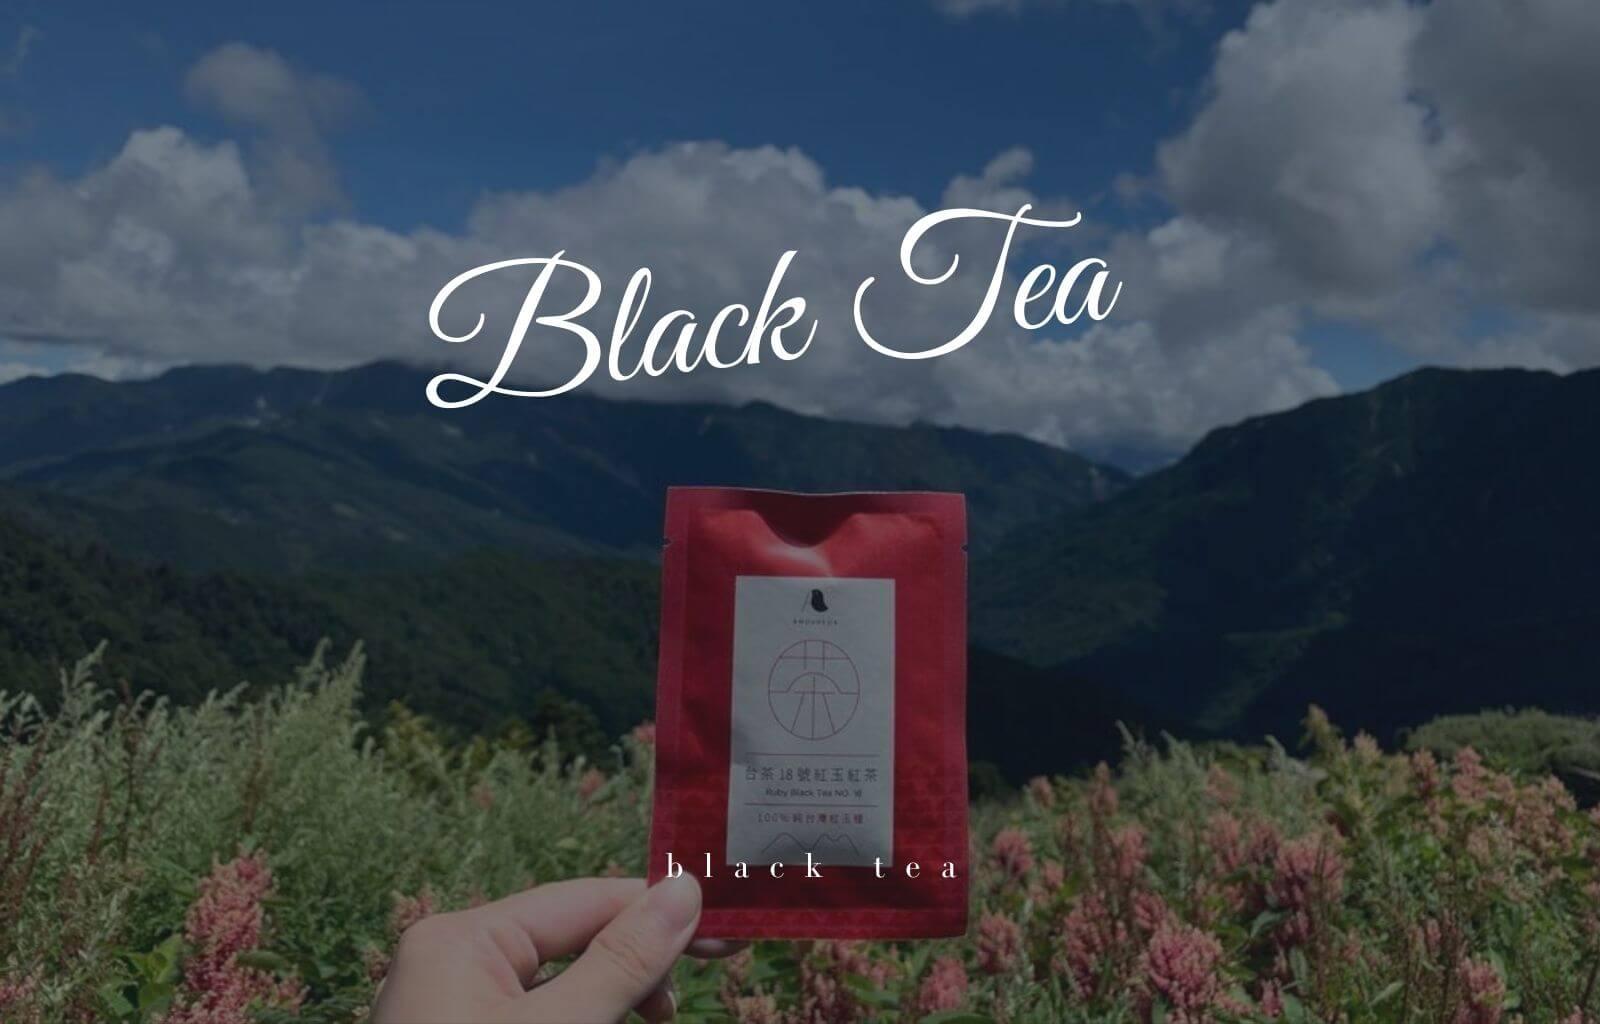 茶光㶑灩紅玉紅茶禮盒